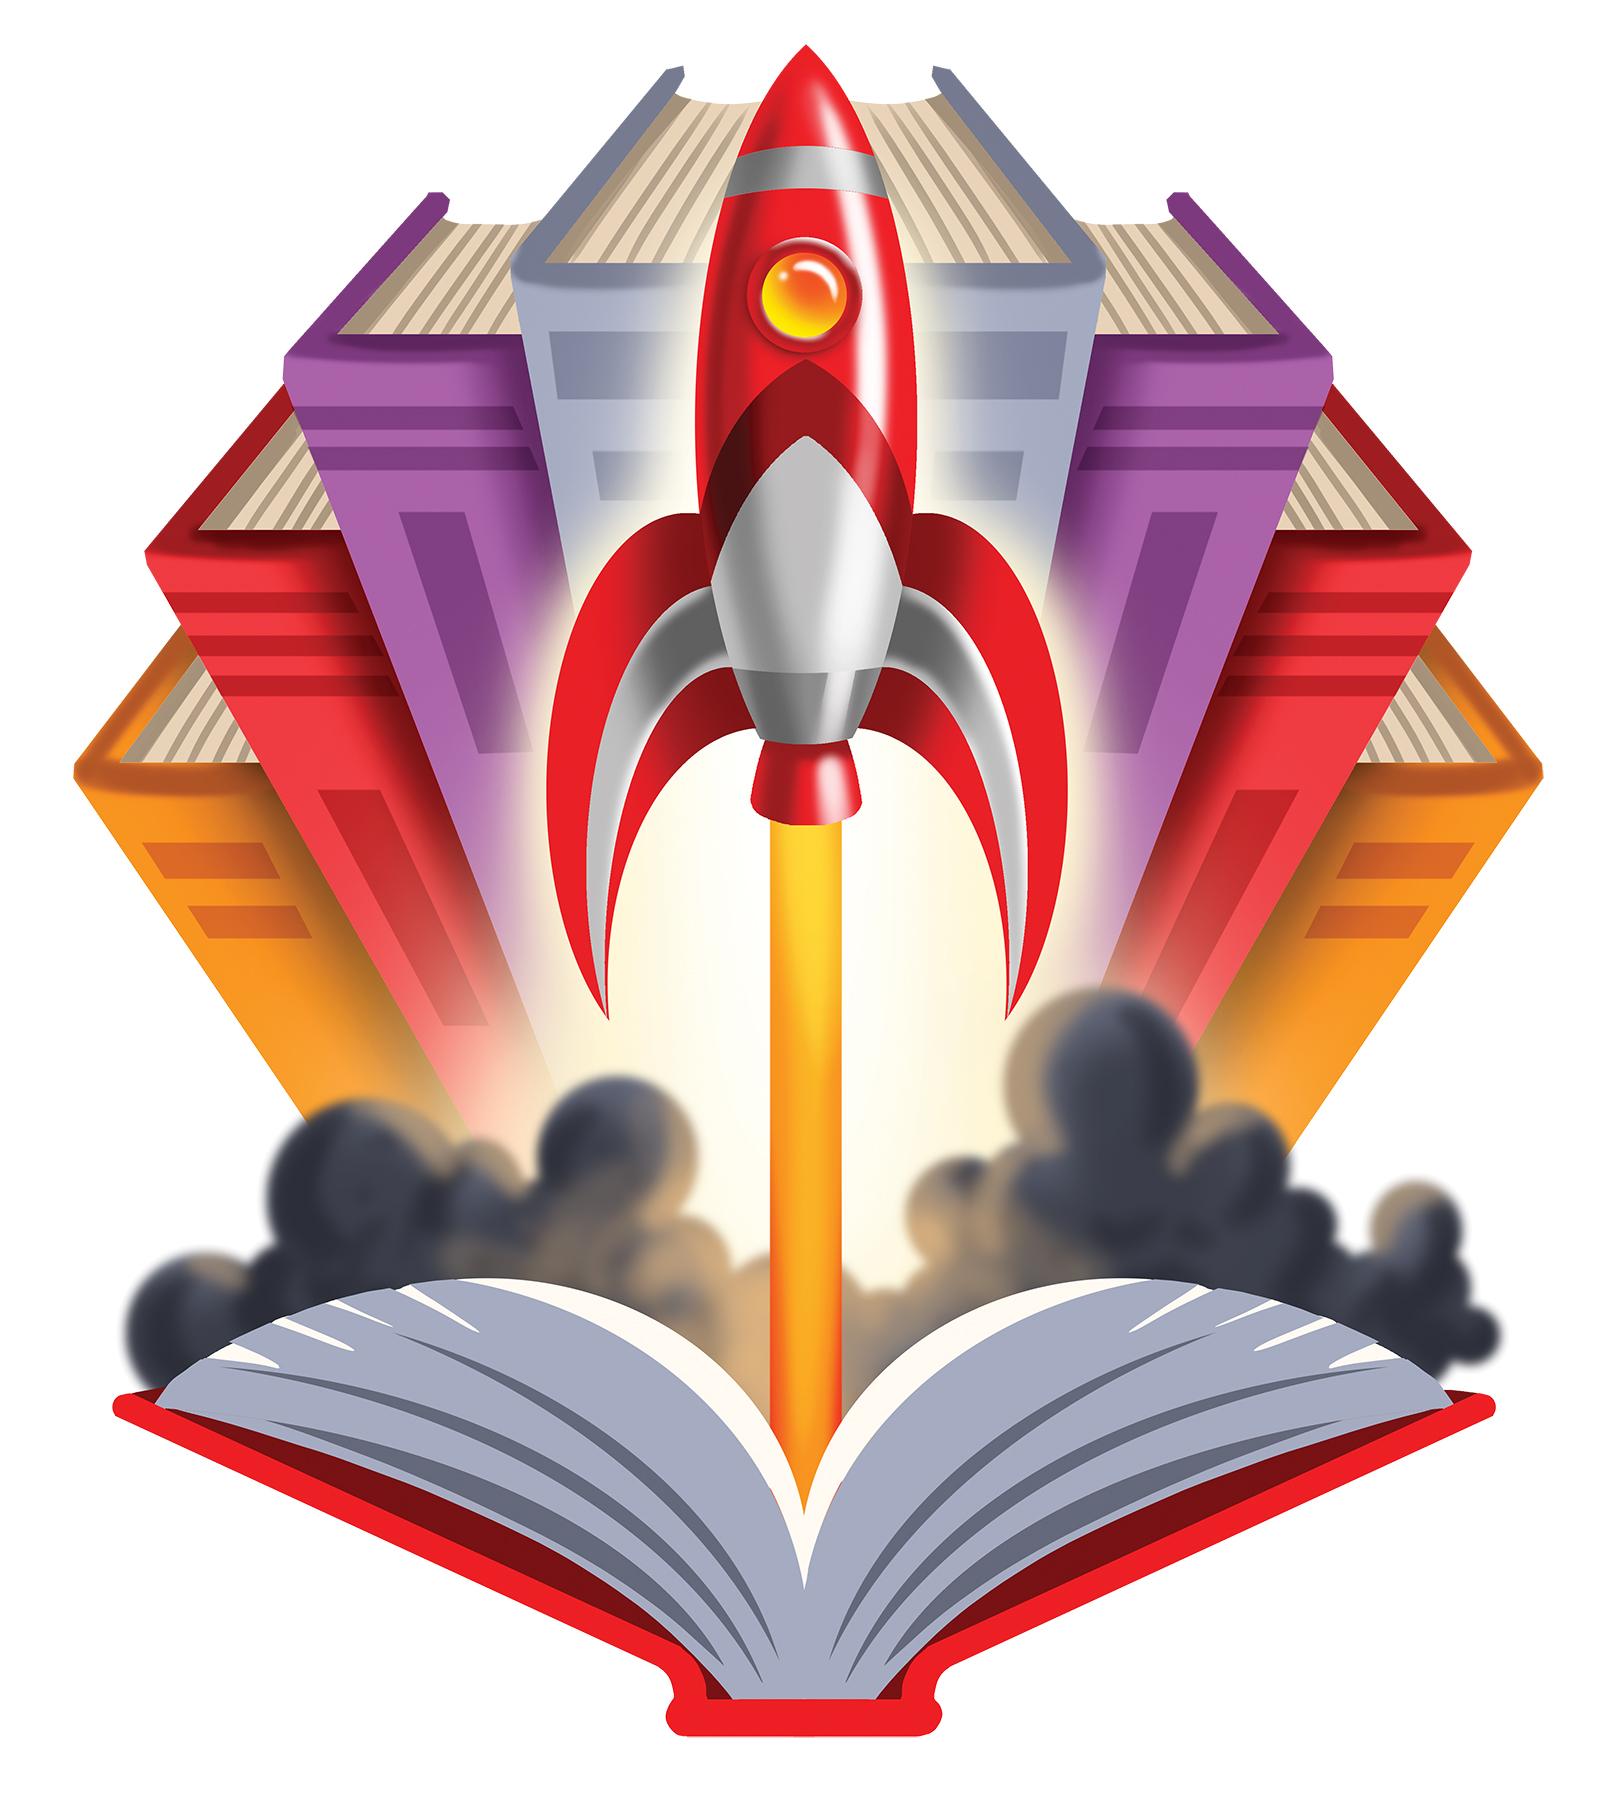 universe-spot-rocket-book.jpg